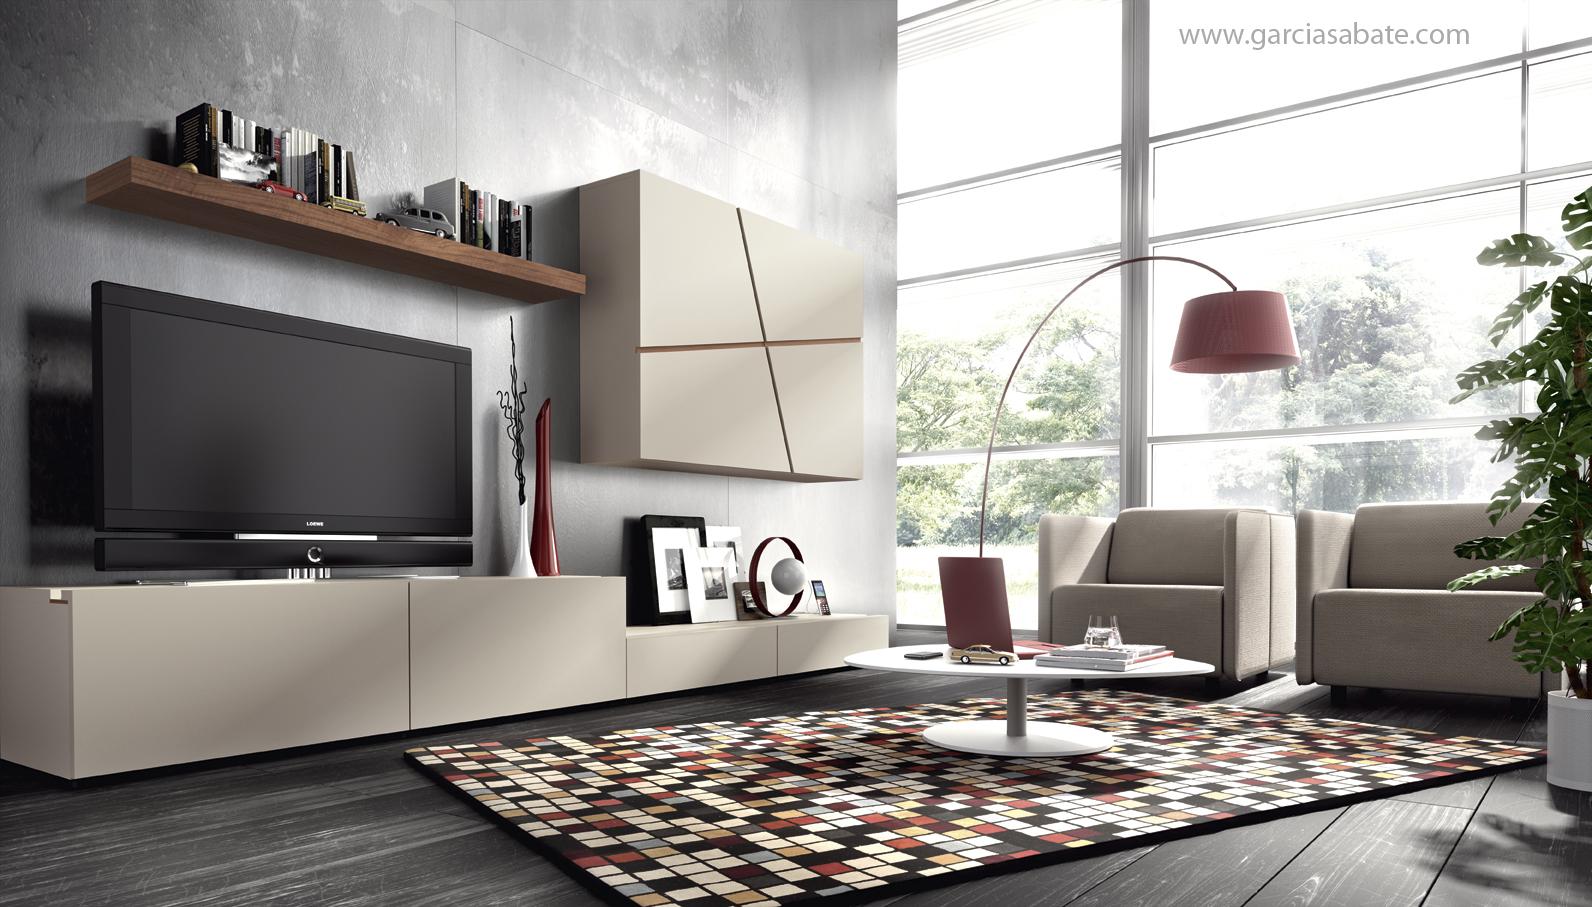 Muebles de plastico kawaki 20170814155413 for Muebles de sala medellin